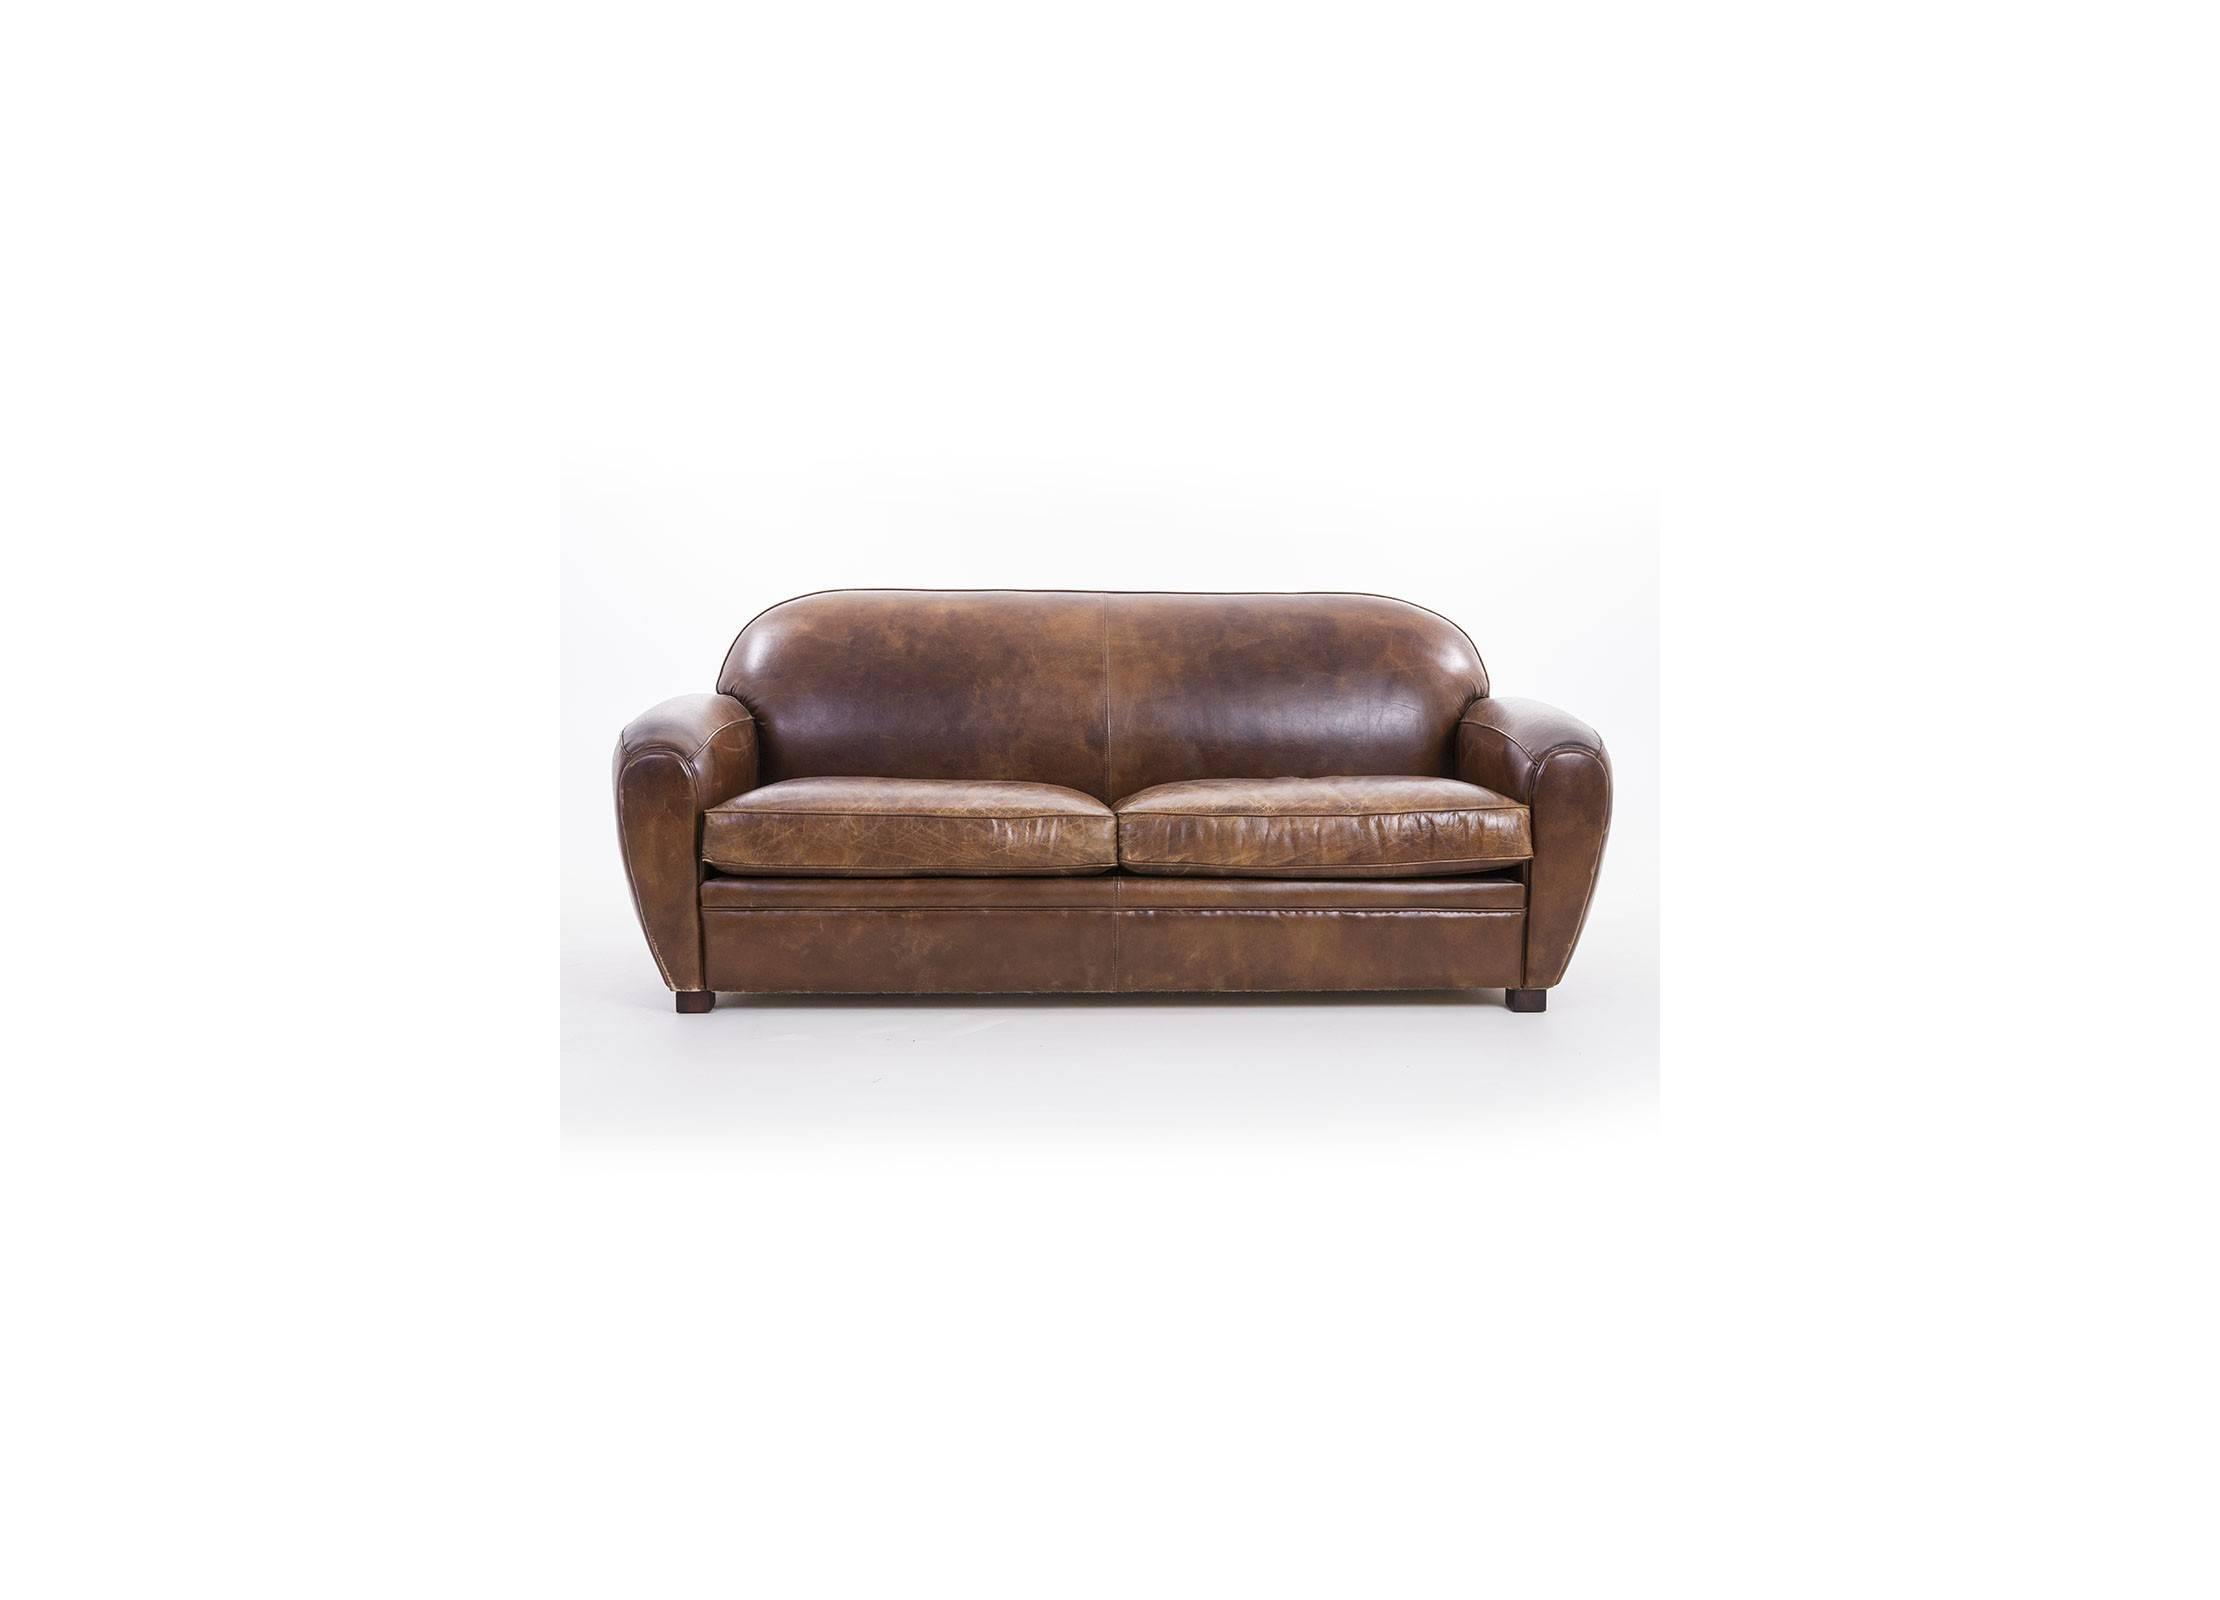 canap club churchill marron cigare 3 places cuir de vachette pleine fleur structure et. Black Bedroom Furniture Sets. Home Design Ideas